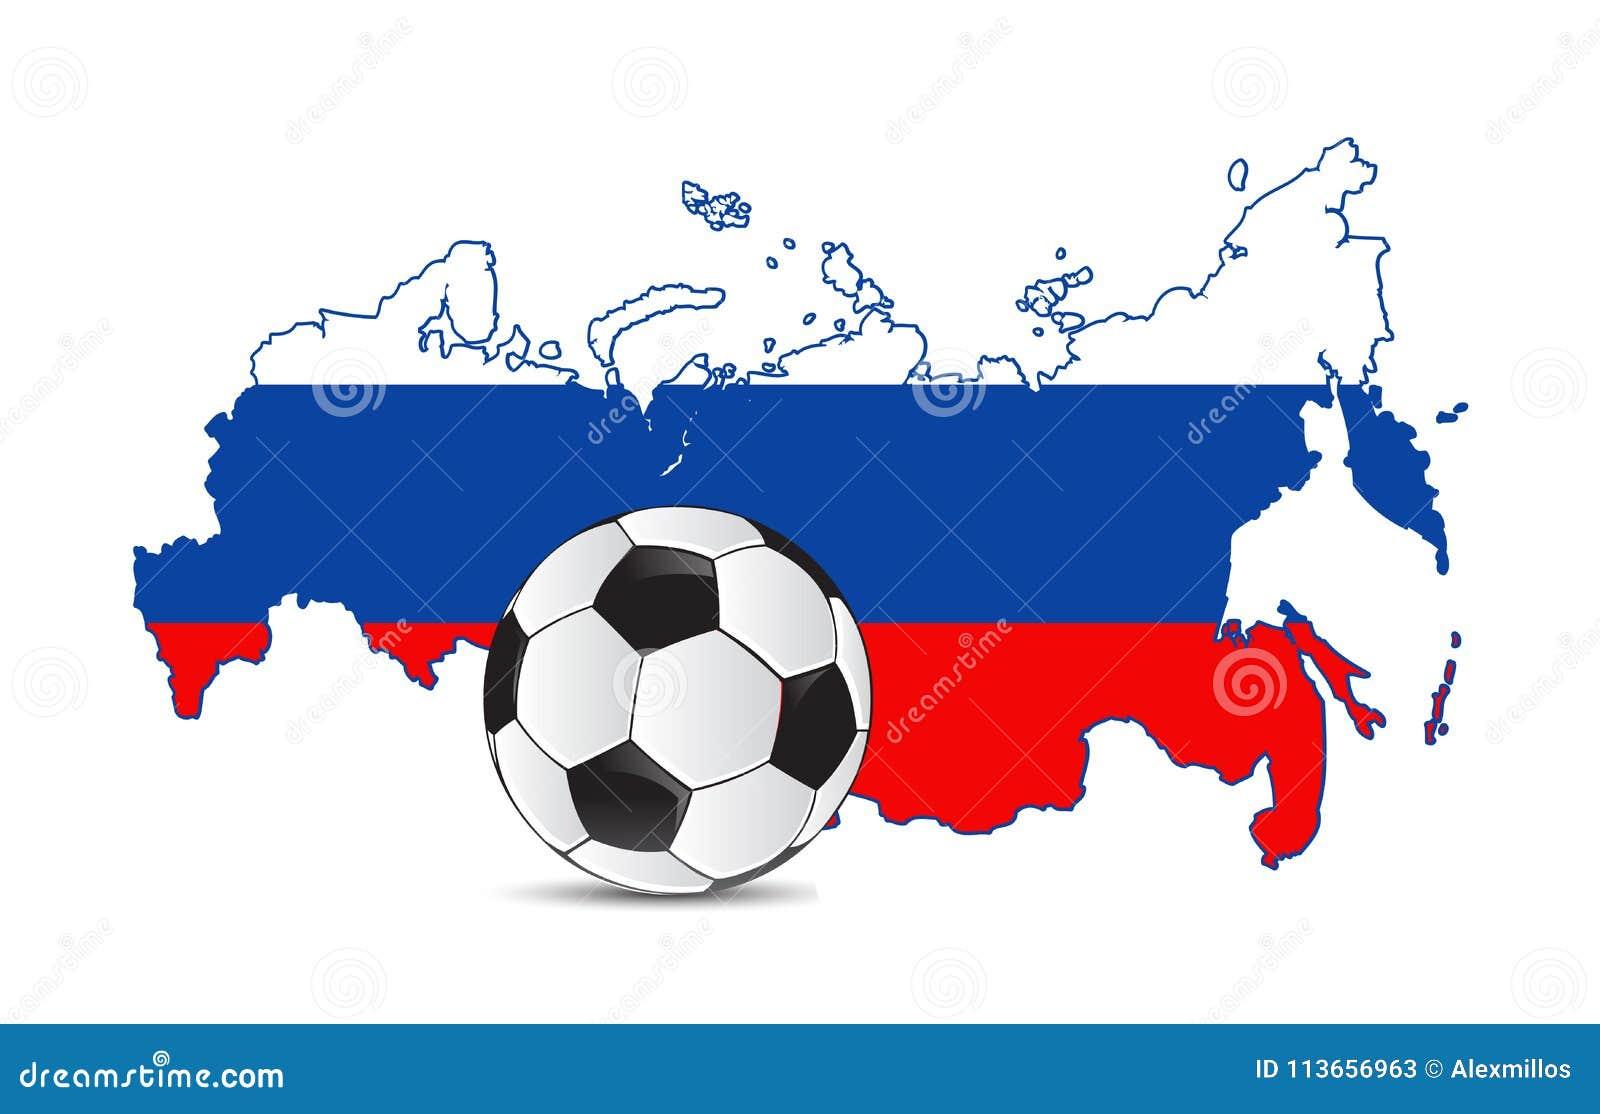 Russland Kartenflagge Und Fussball Illustrator Design Grafik